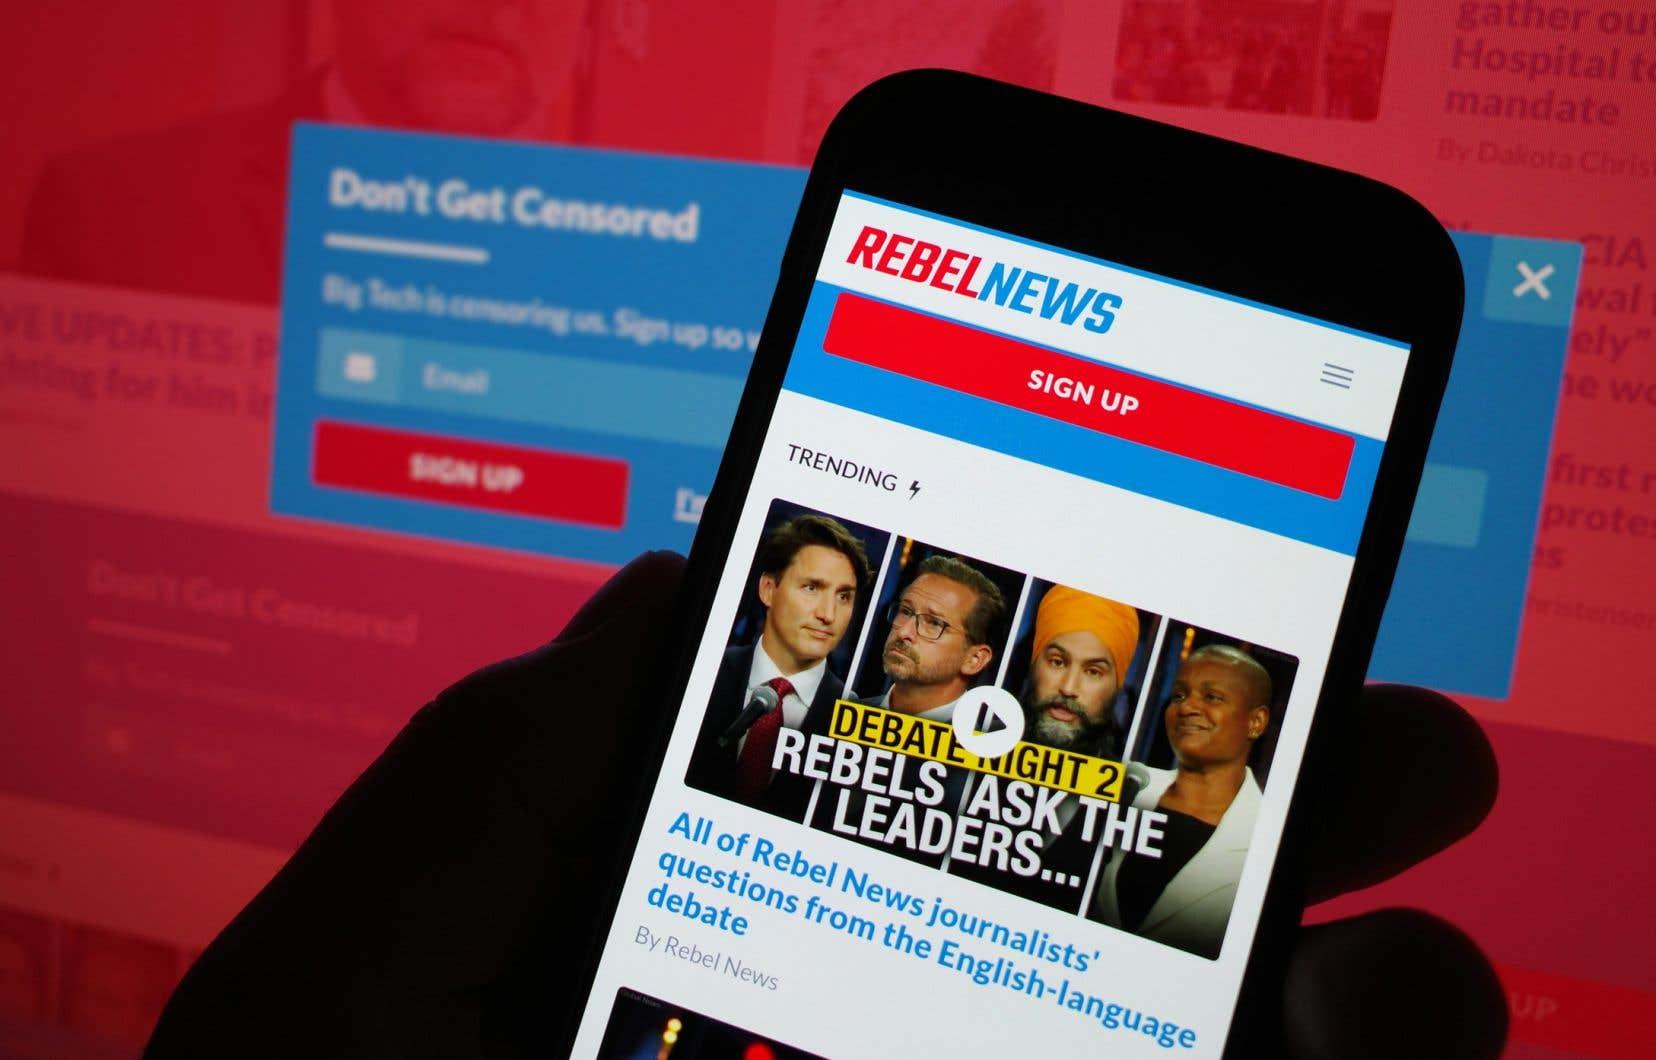 «Rebel News, entre autres, alimente les théories conspirationnistes, milite en faveur de l'extrême droite libertarienne et s'oppose de manière irrationnelle aux mesures sanitaires», écrit l'auteur.